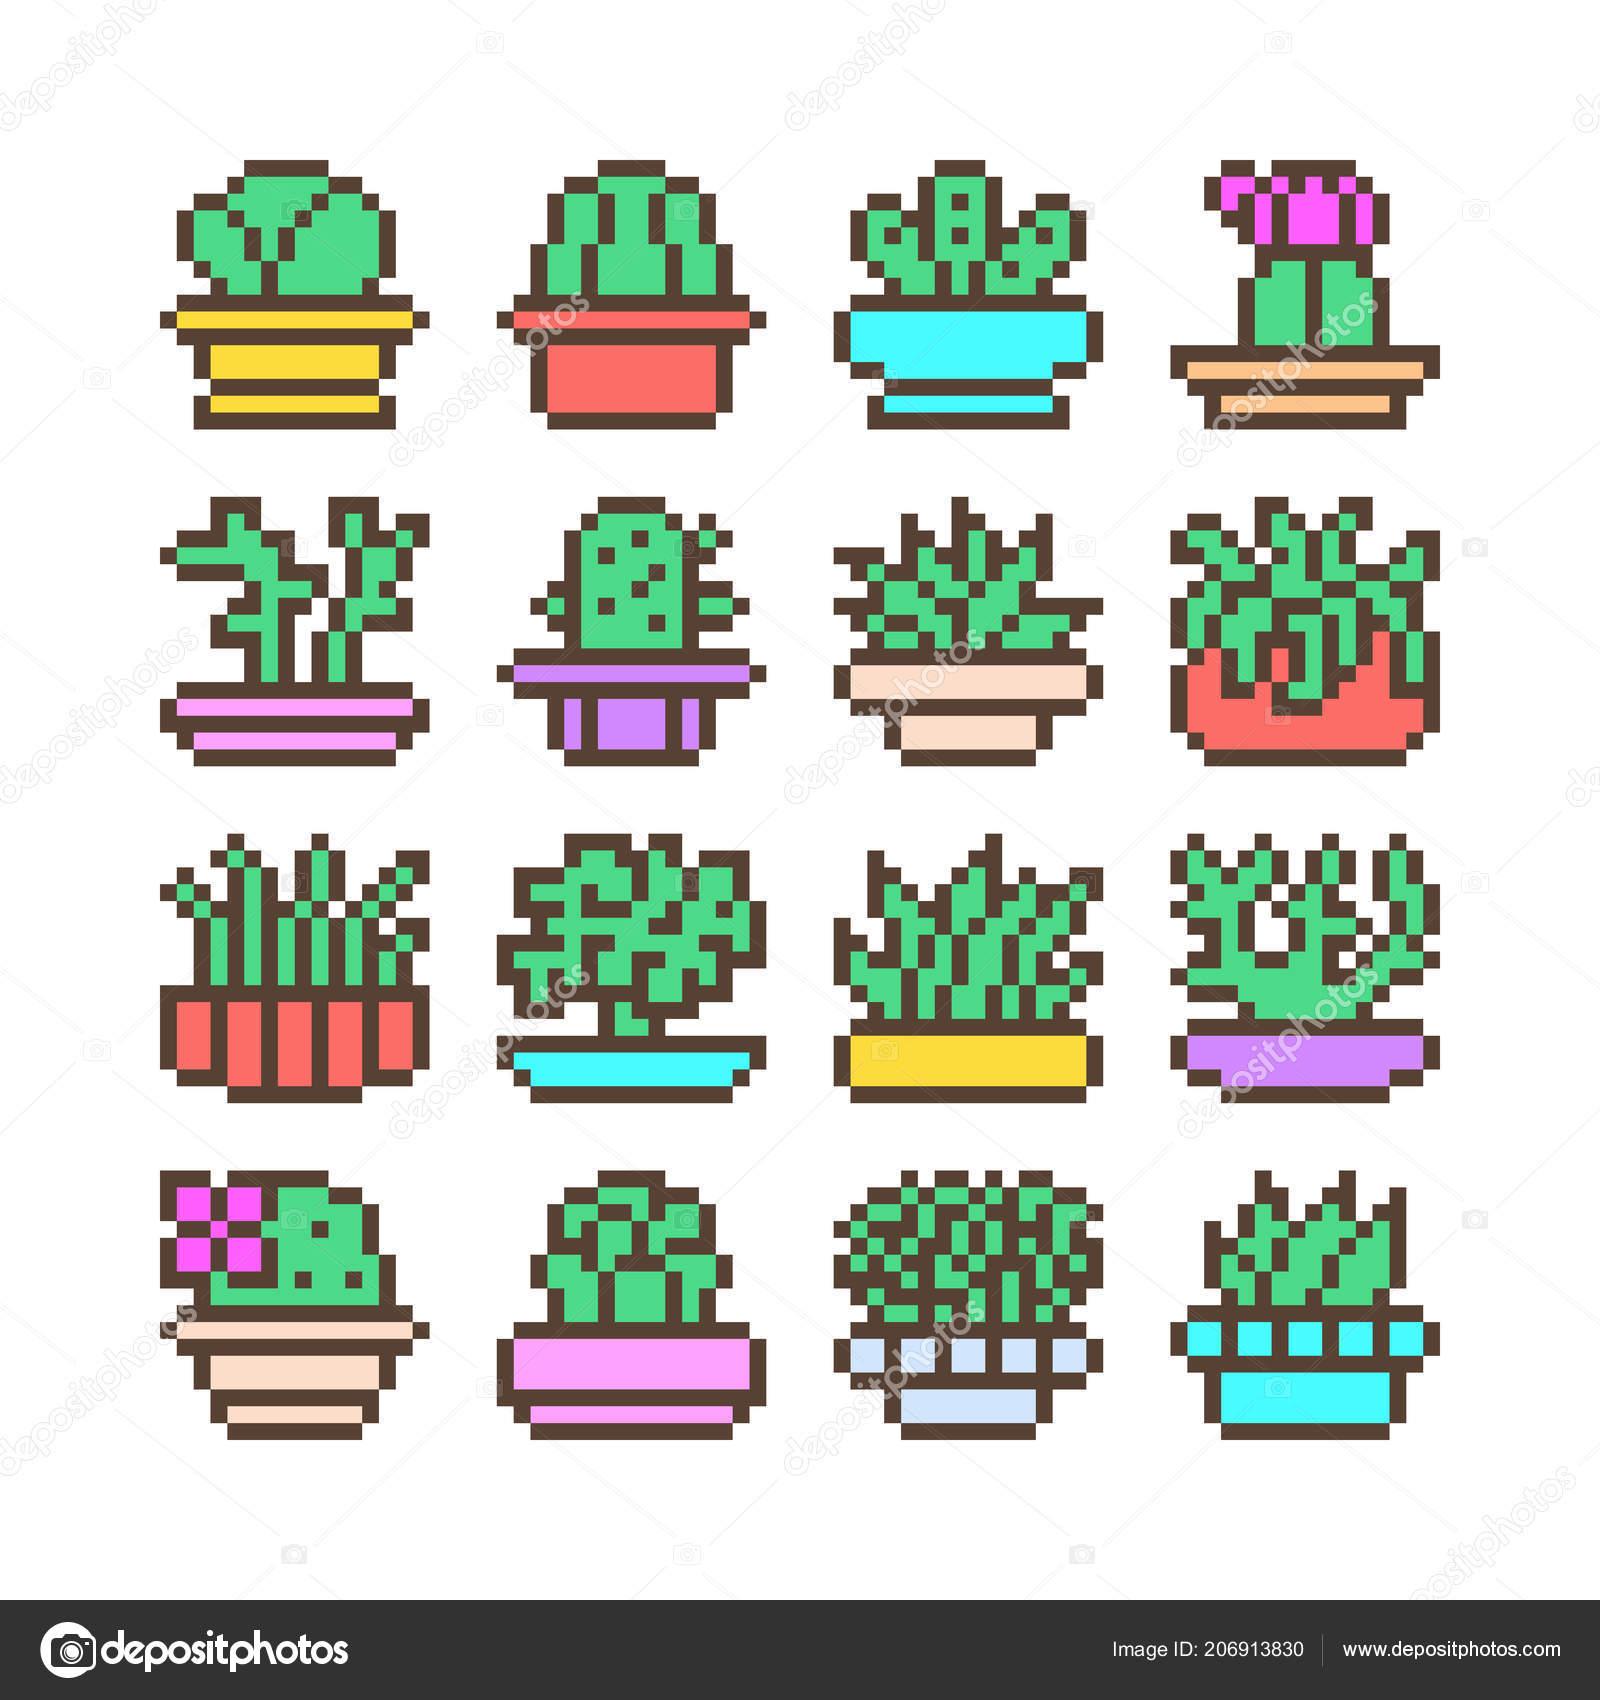 Succulent Plants Pixel Art Big Set 16x16 Pixel Art